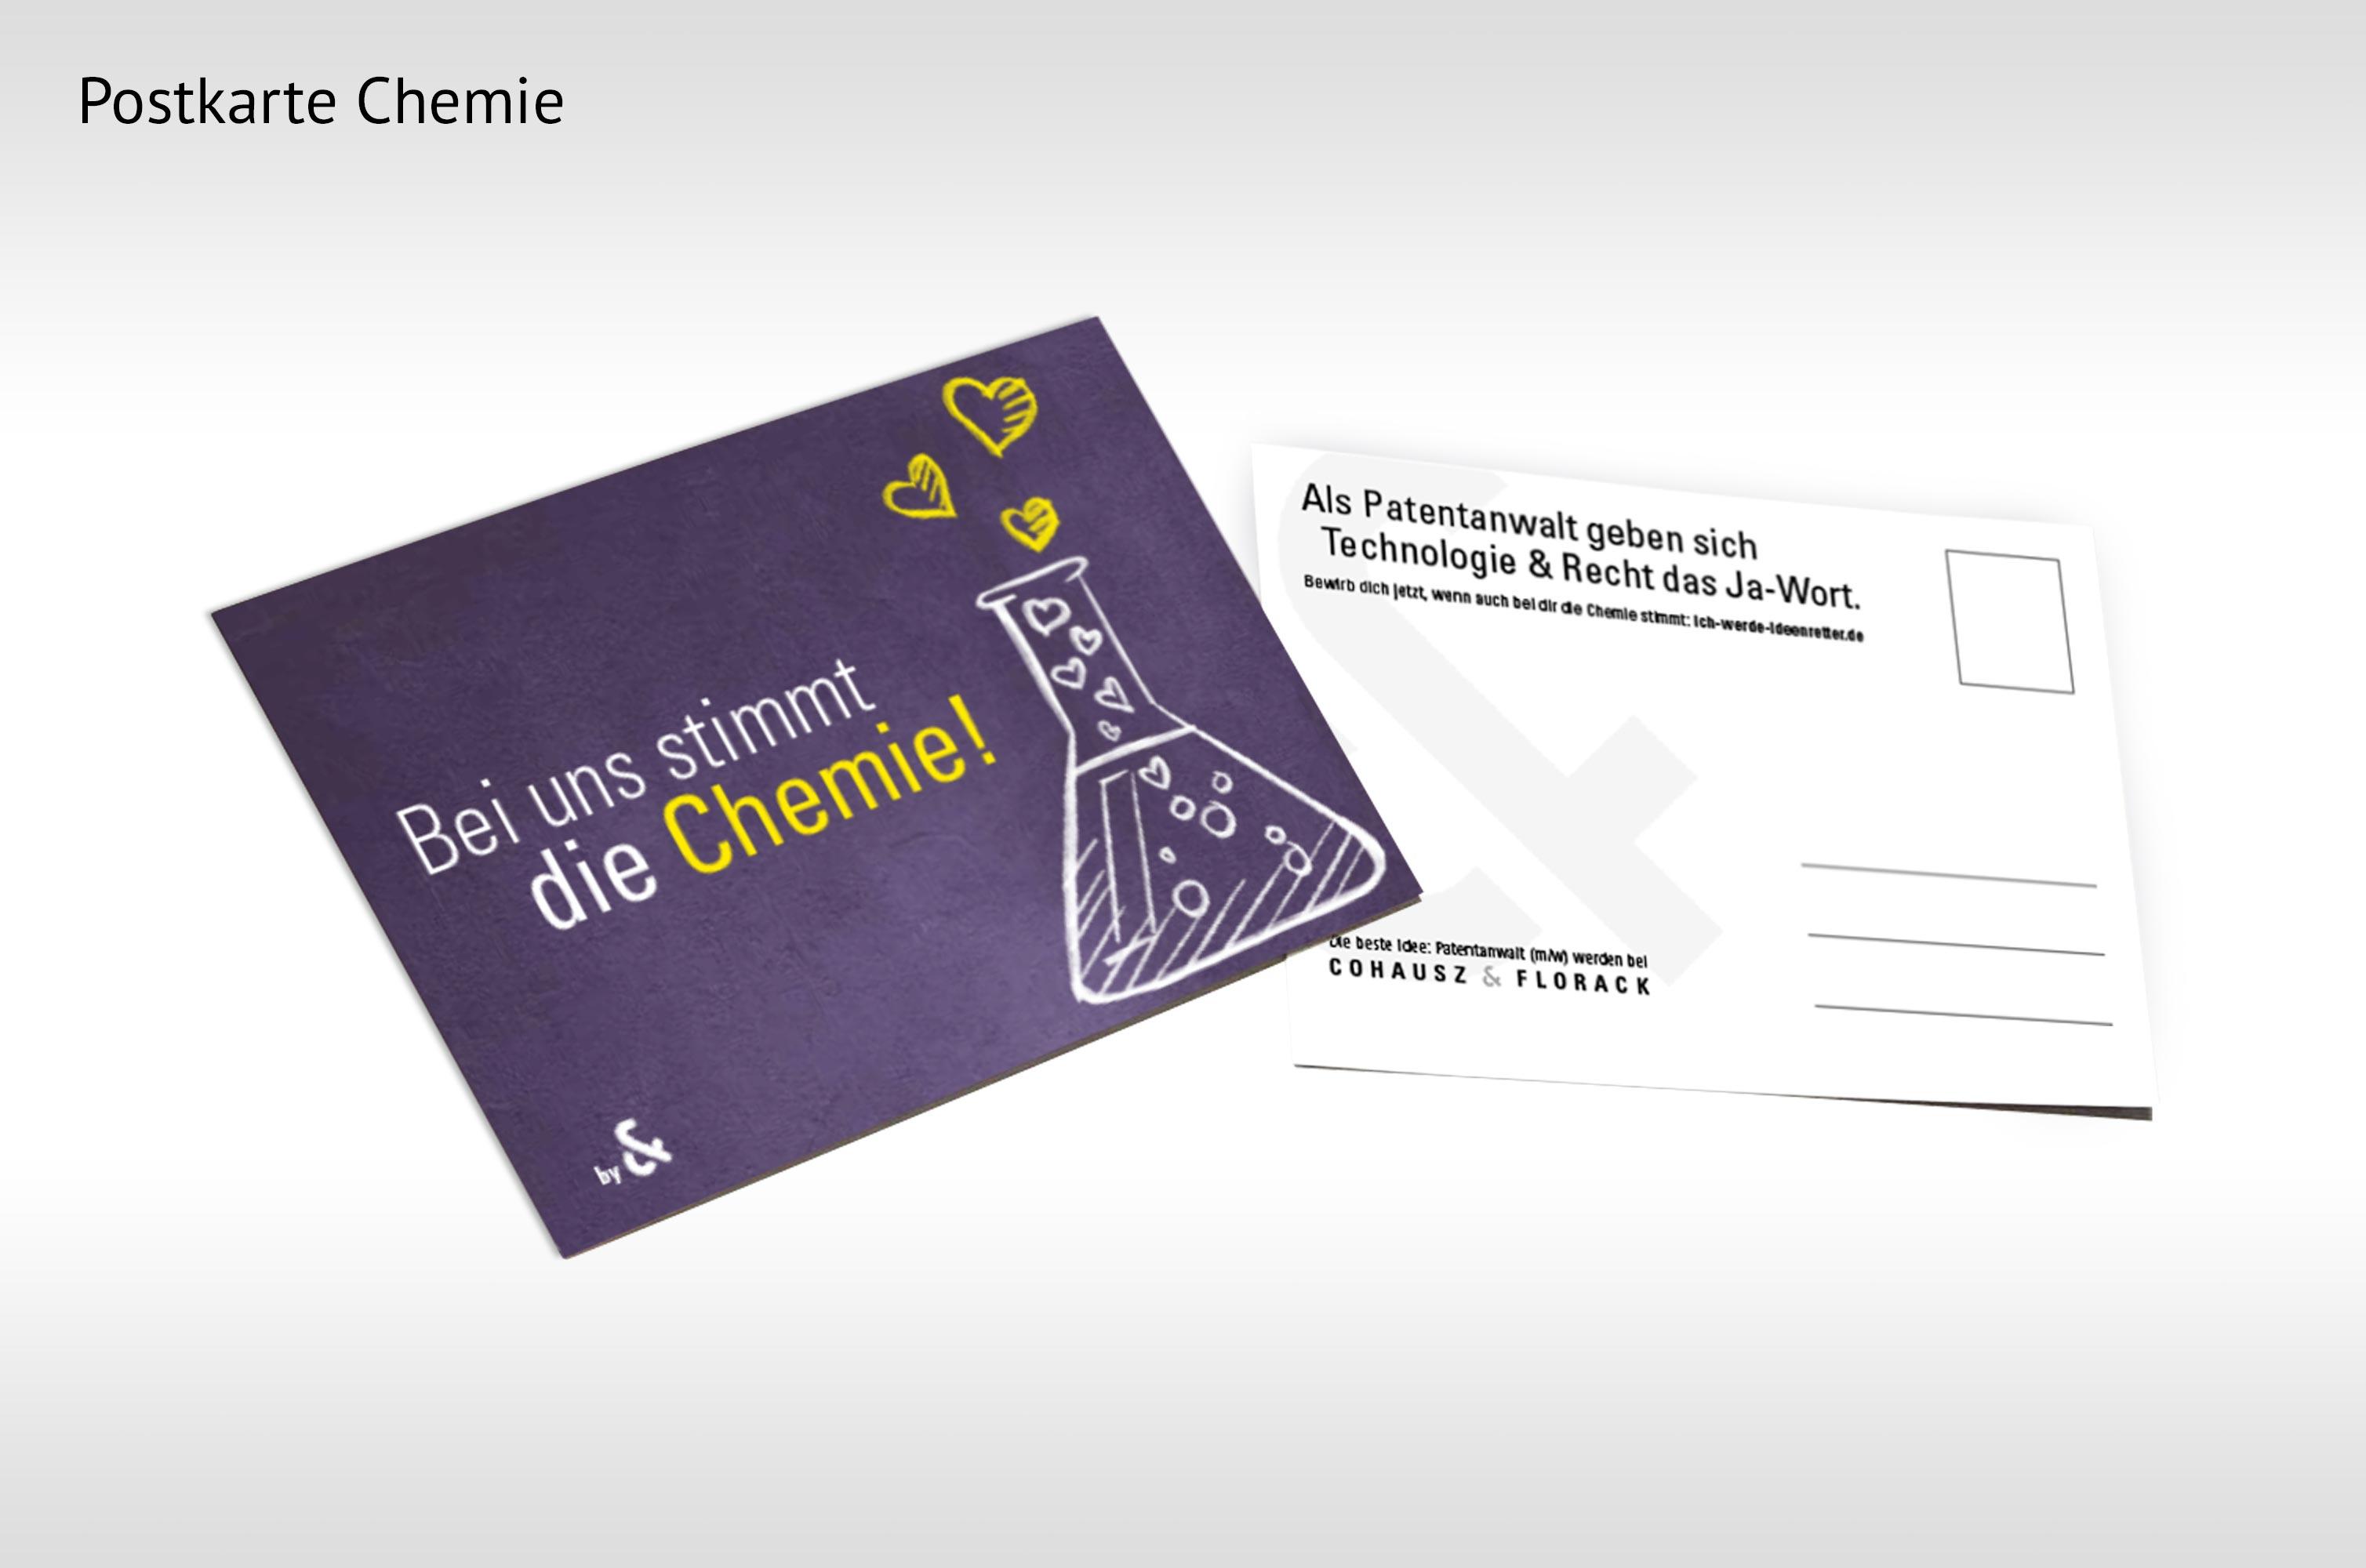 Postkarte in Detailansicht aus dem Bereich Chemie